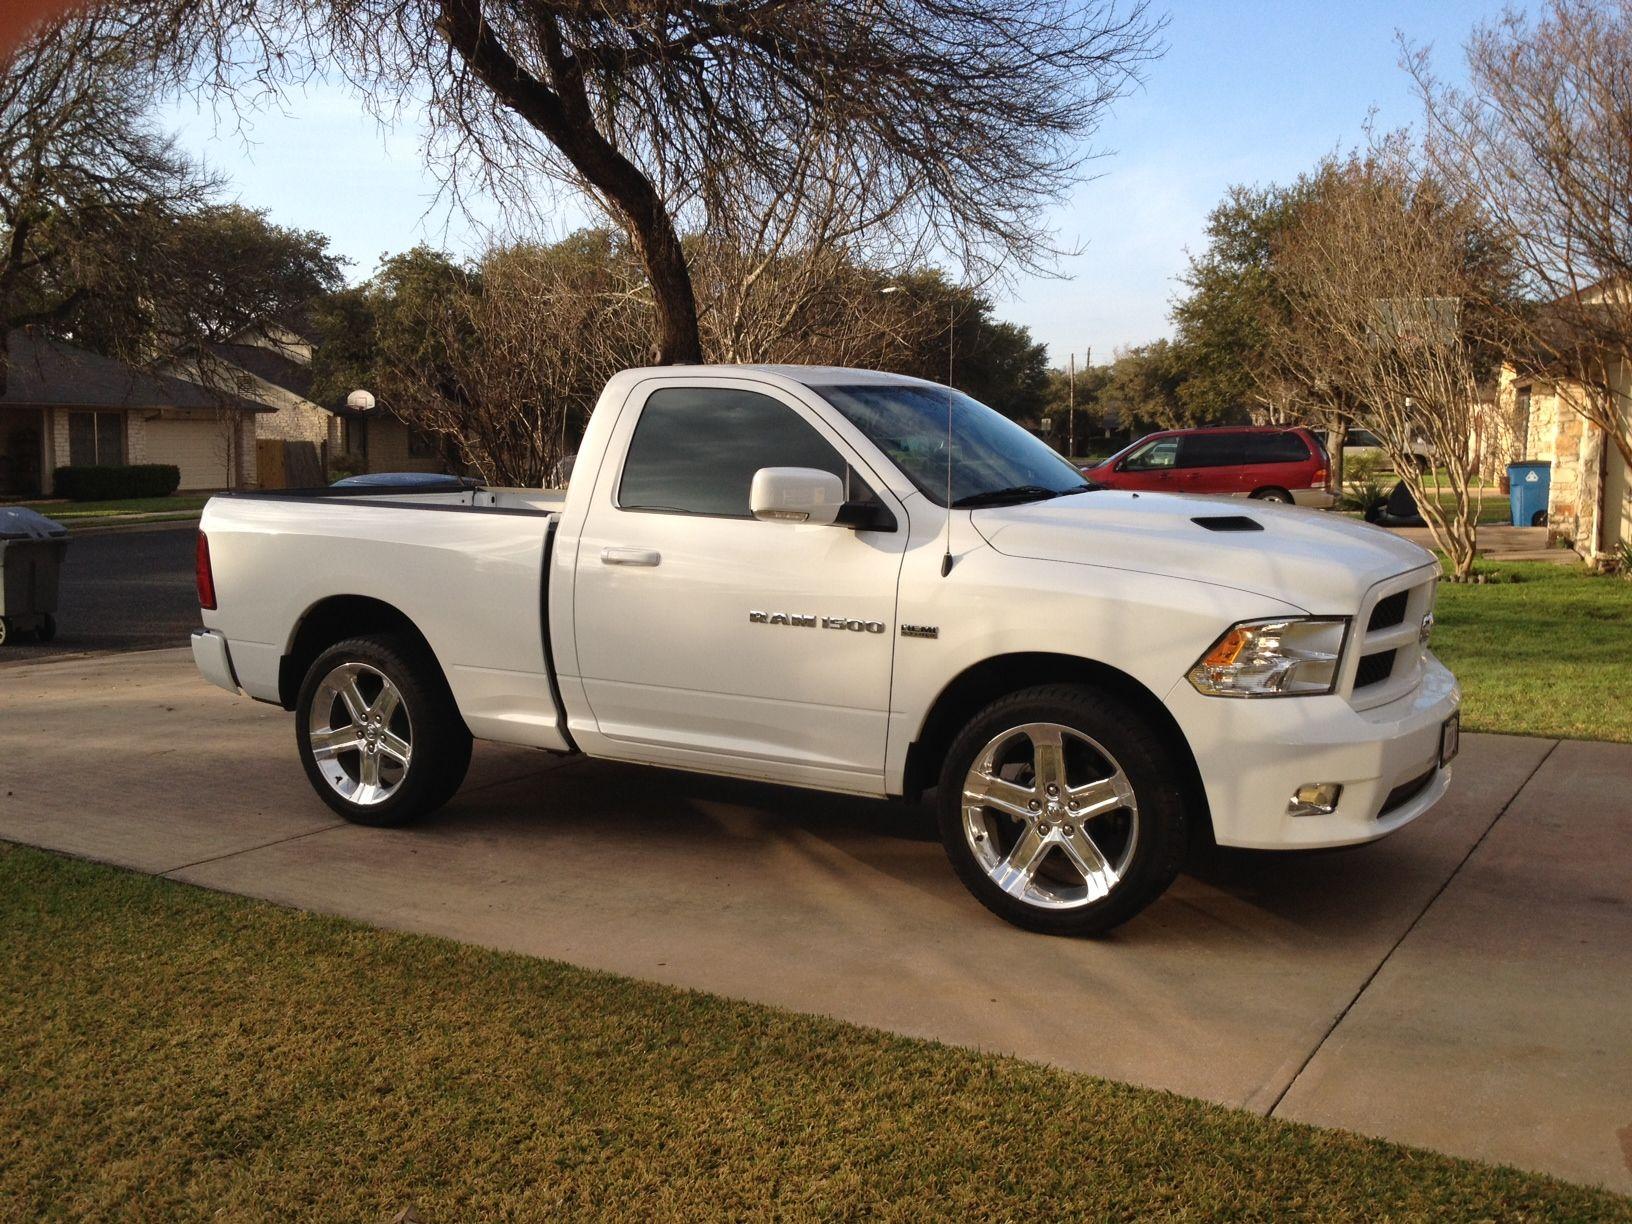 pin r size ram t dodge truck custom mopar full rt